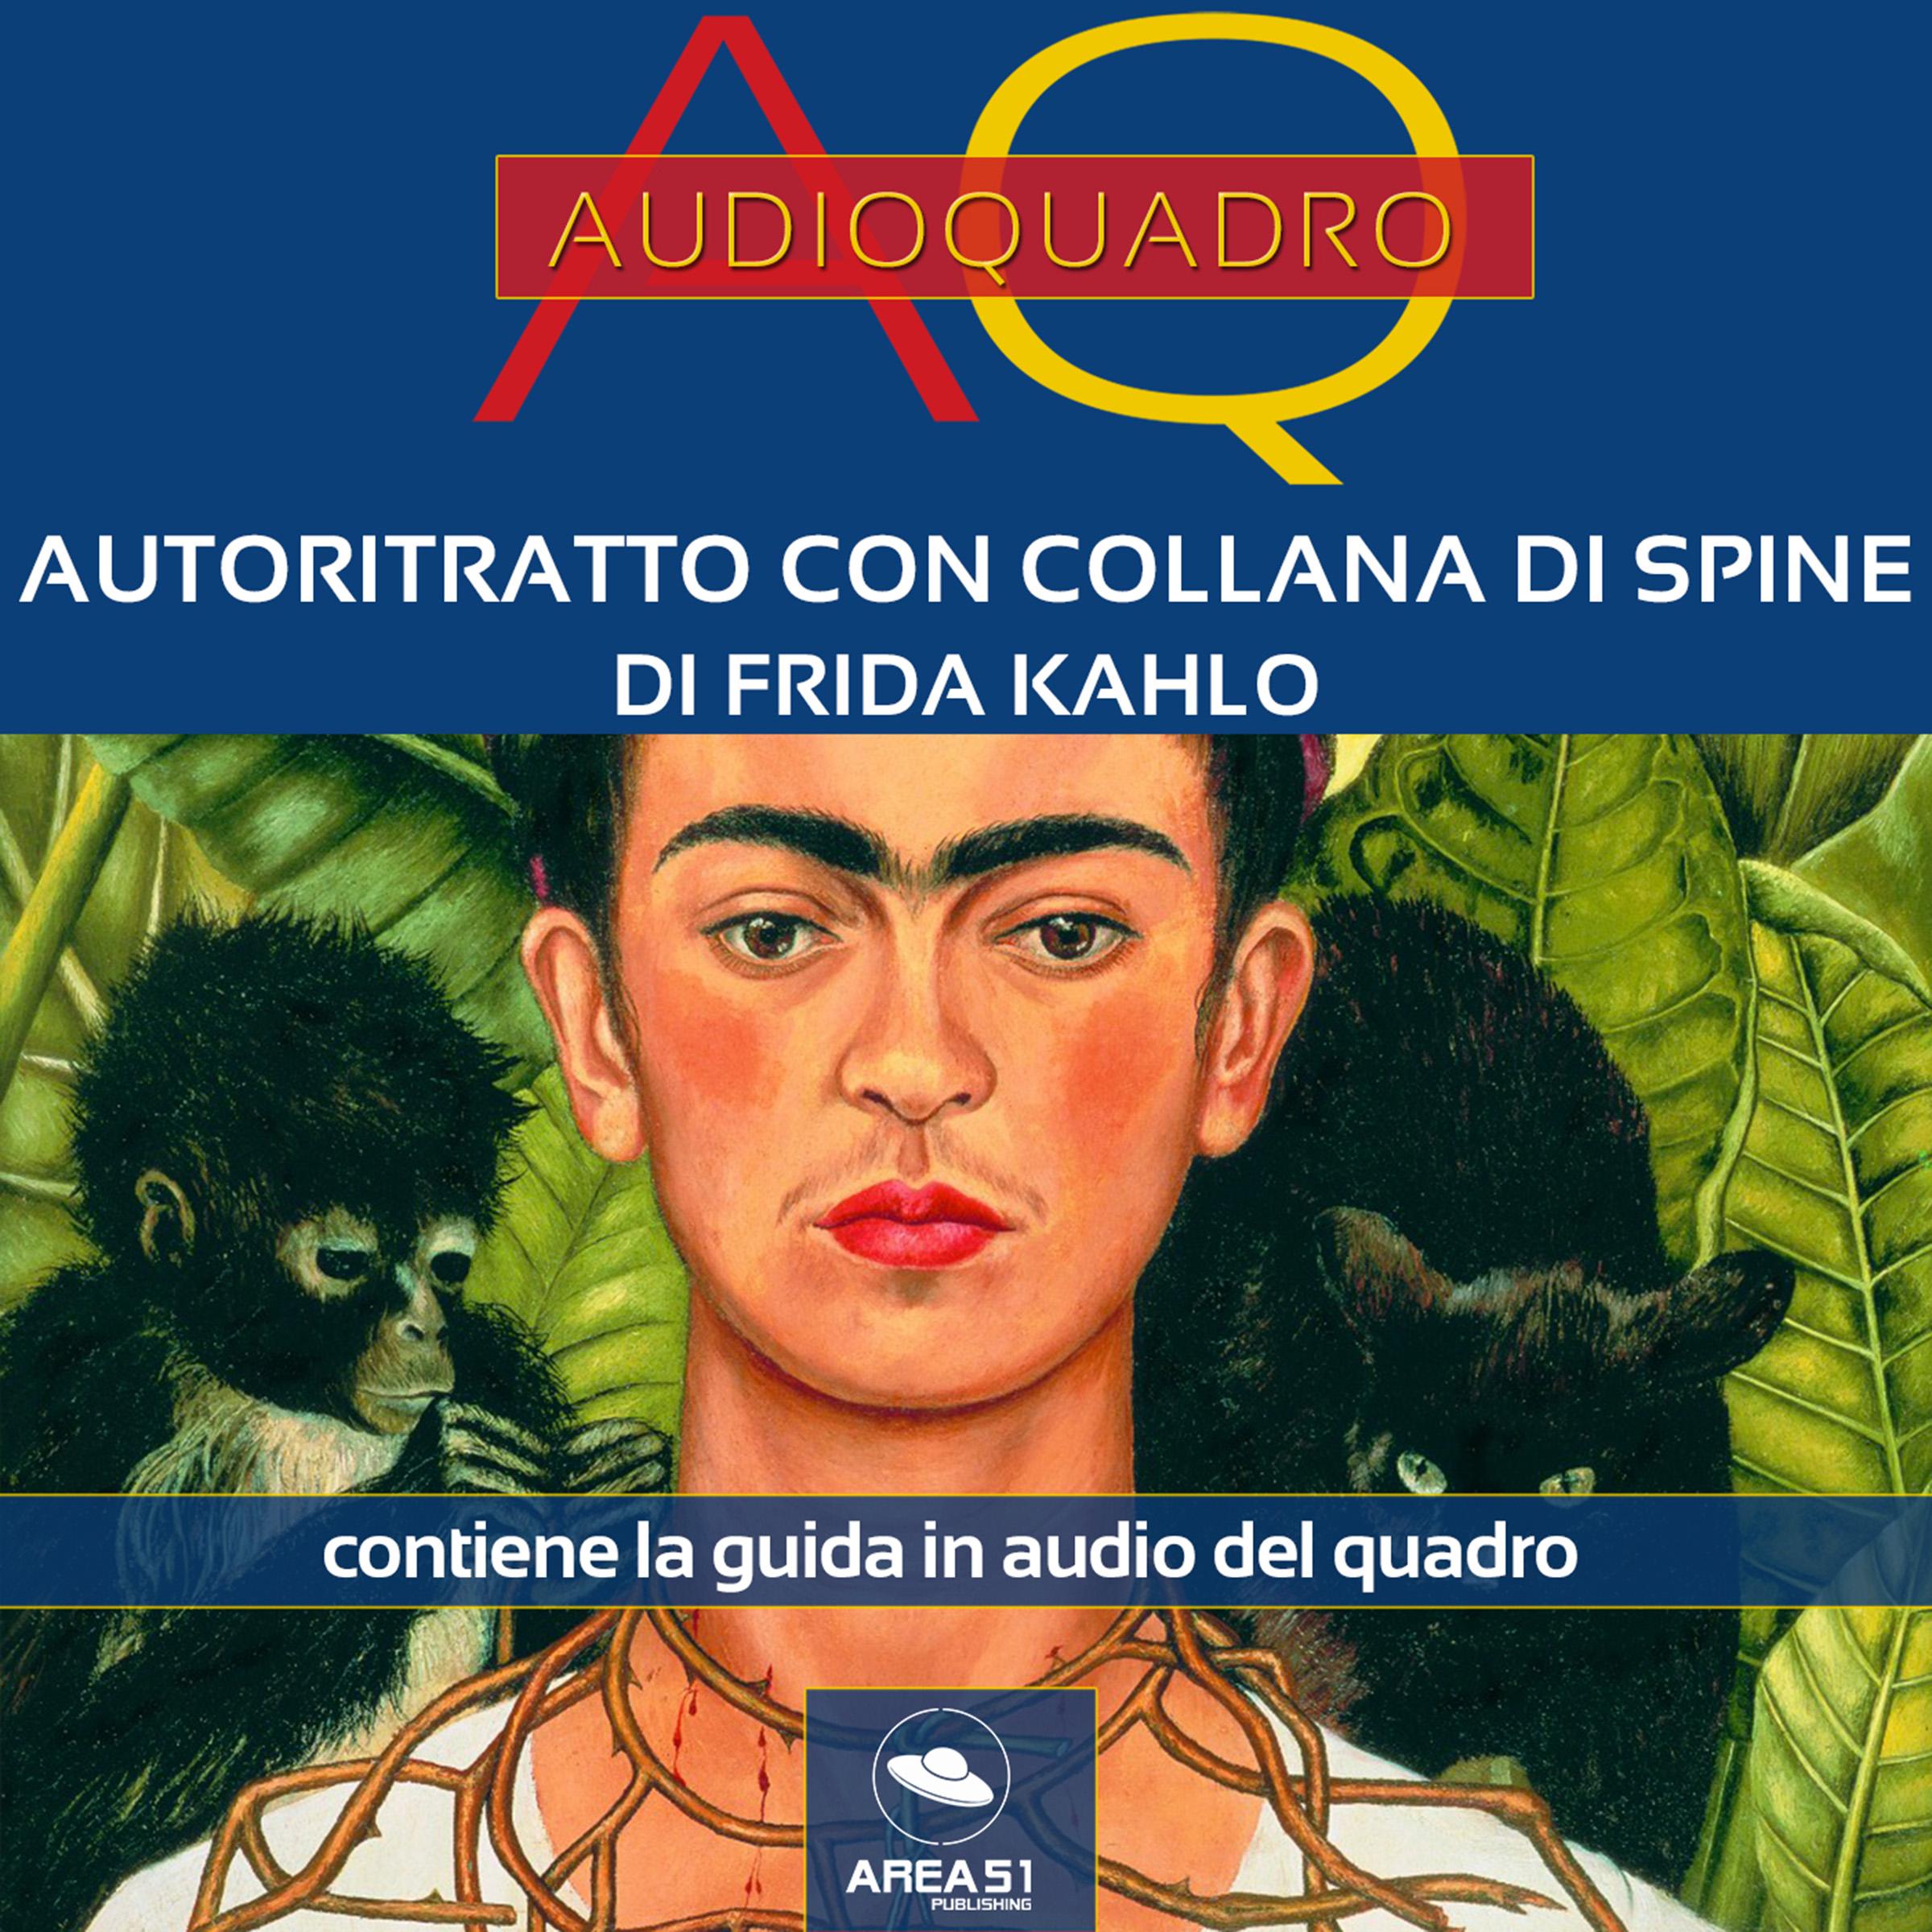 Autoritratto con collana di spine di Frida Khalo. Audioquadro-0